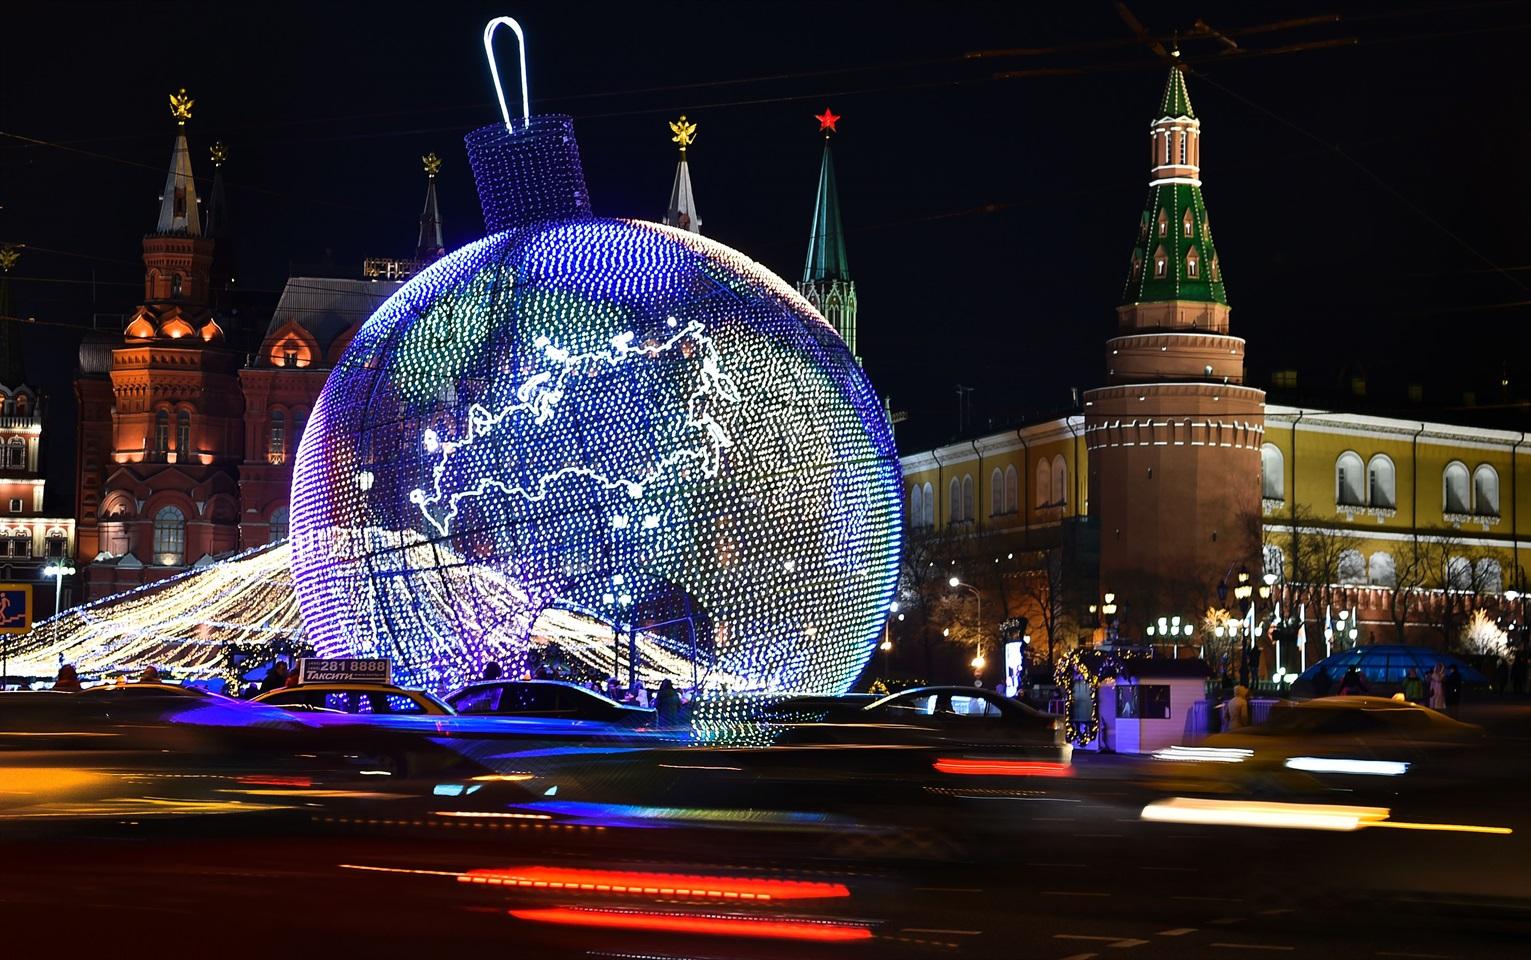 Le luminarie di natale pi belle del mondo - Le piu belle decorazioni di natale ...